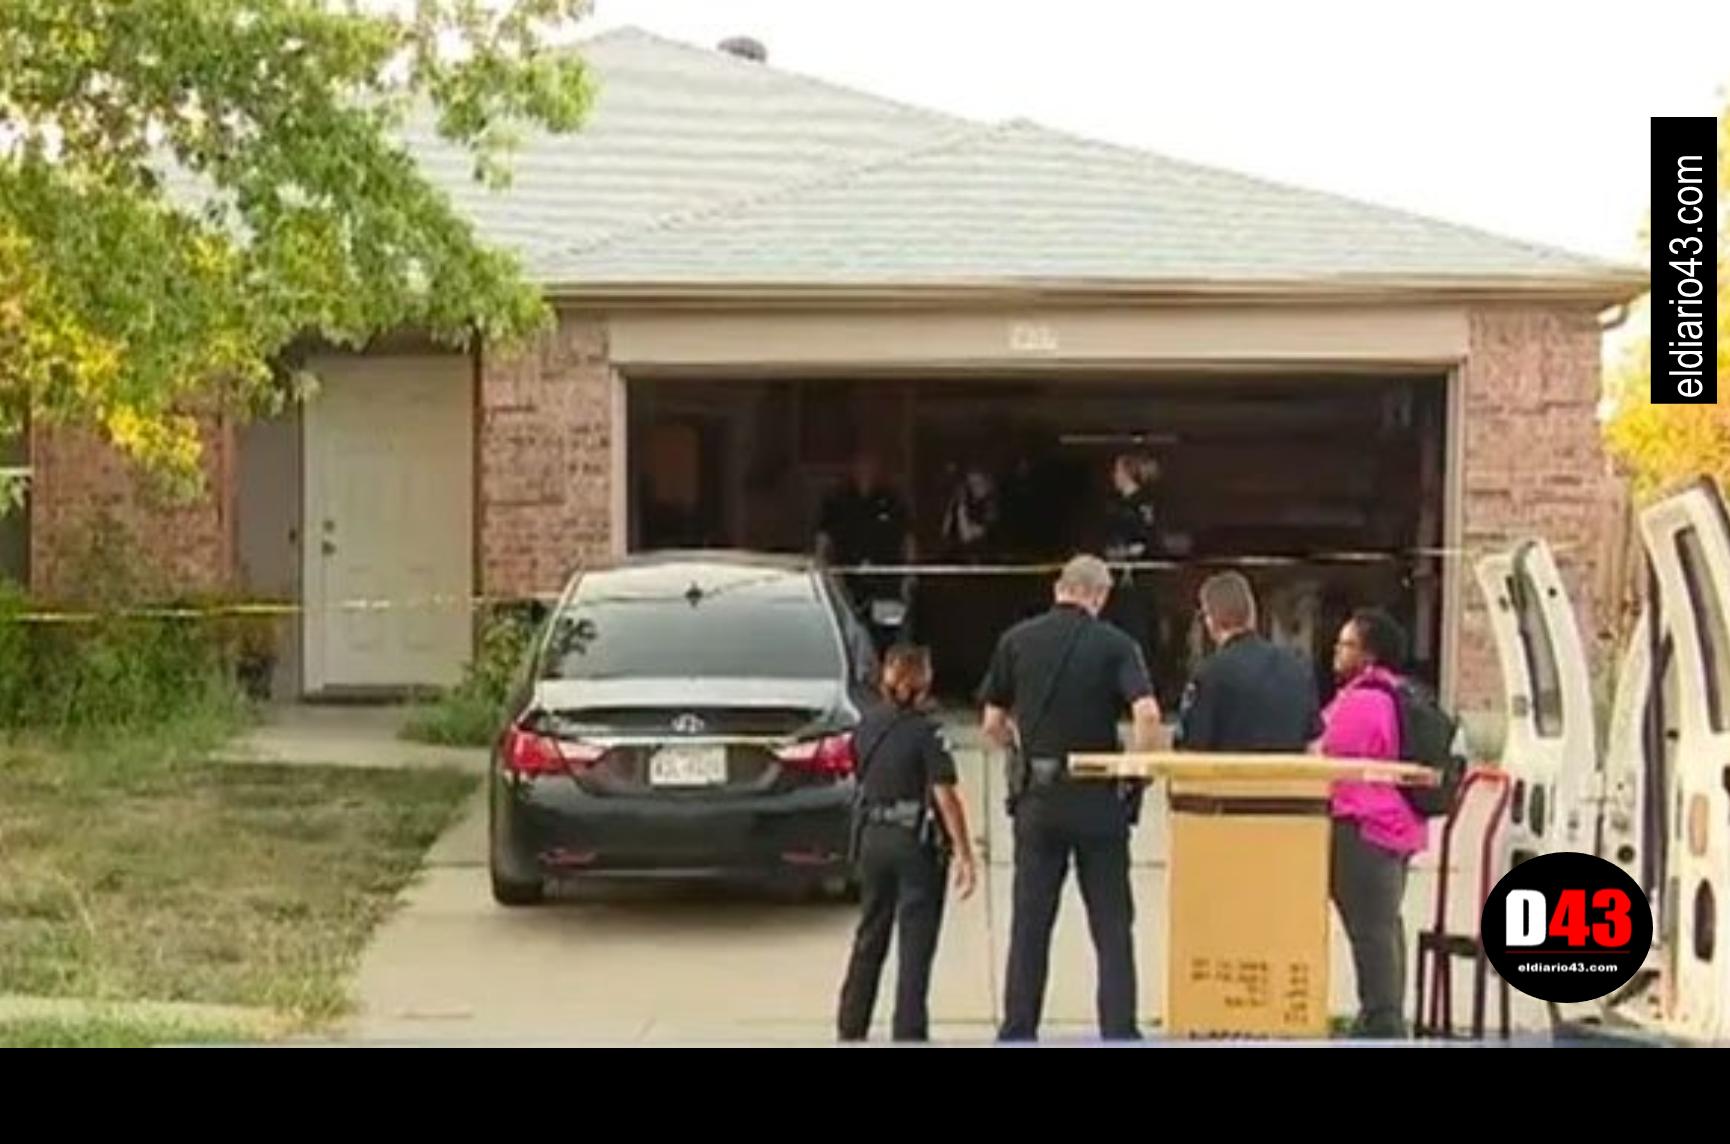 Niño de 5 años halla pistola en su casa y mata a su hermano menor